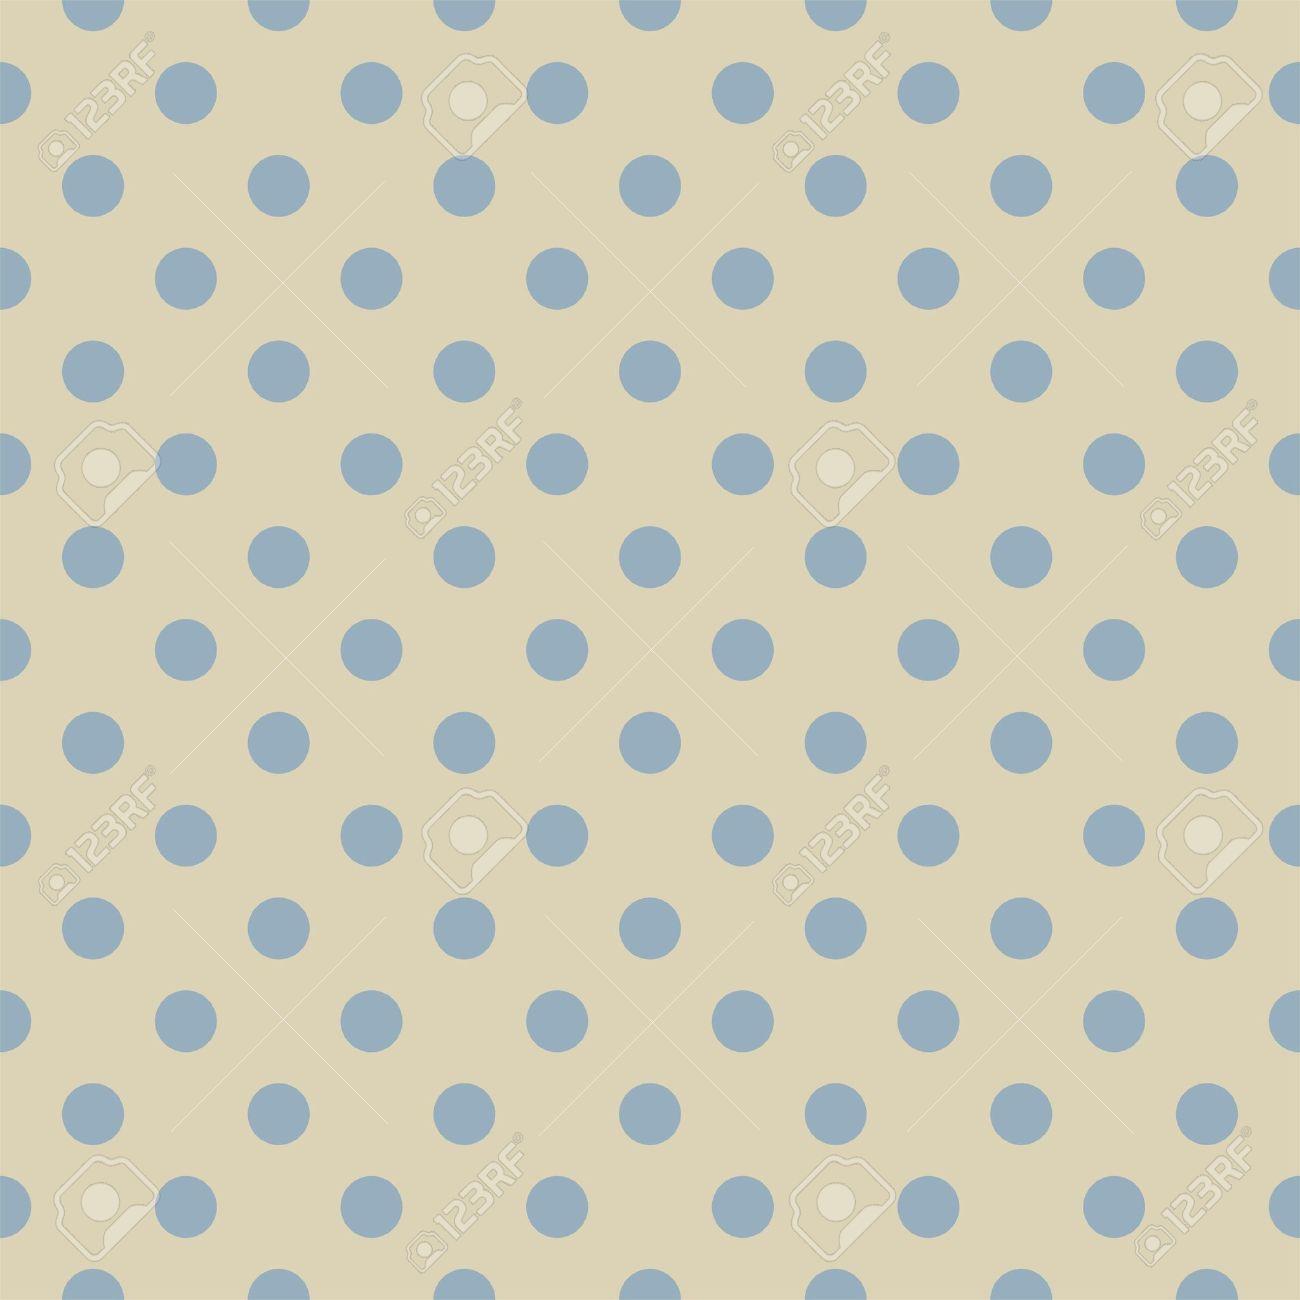 Pastel blue polka dots on light beige neutral background retro pastel blue polka dots on light beige neutral background retro seamless pattern for backgrounds voltagebd Images